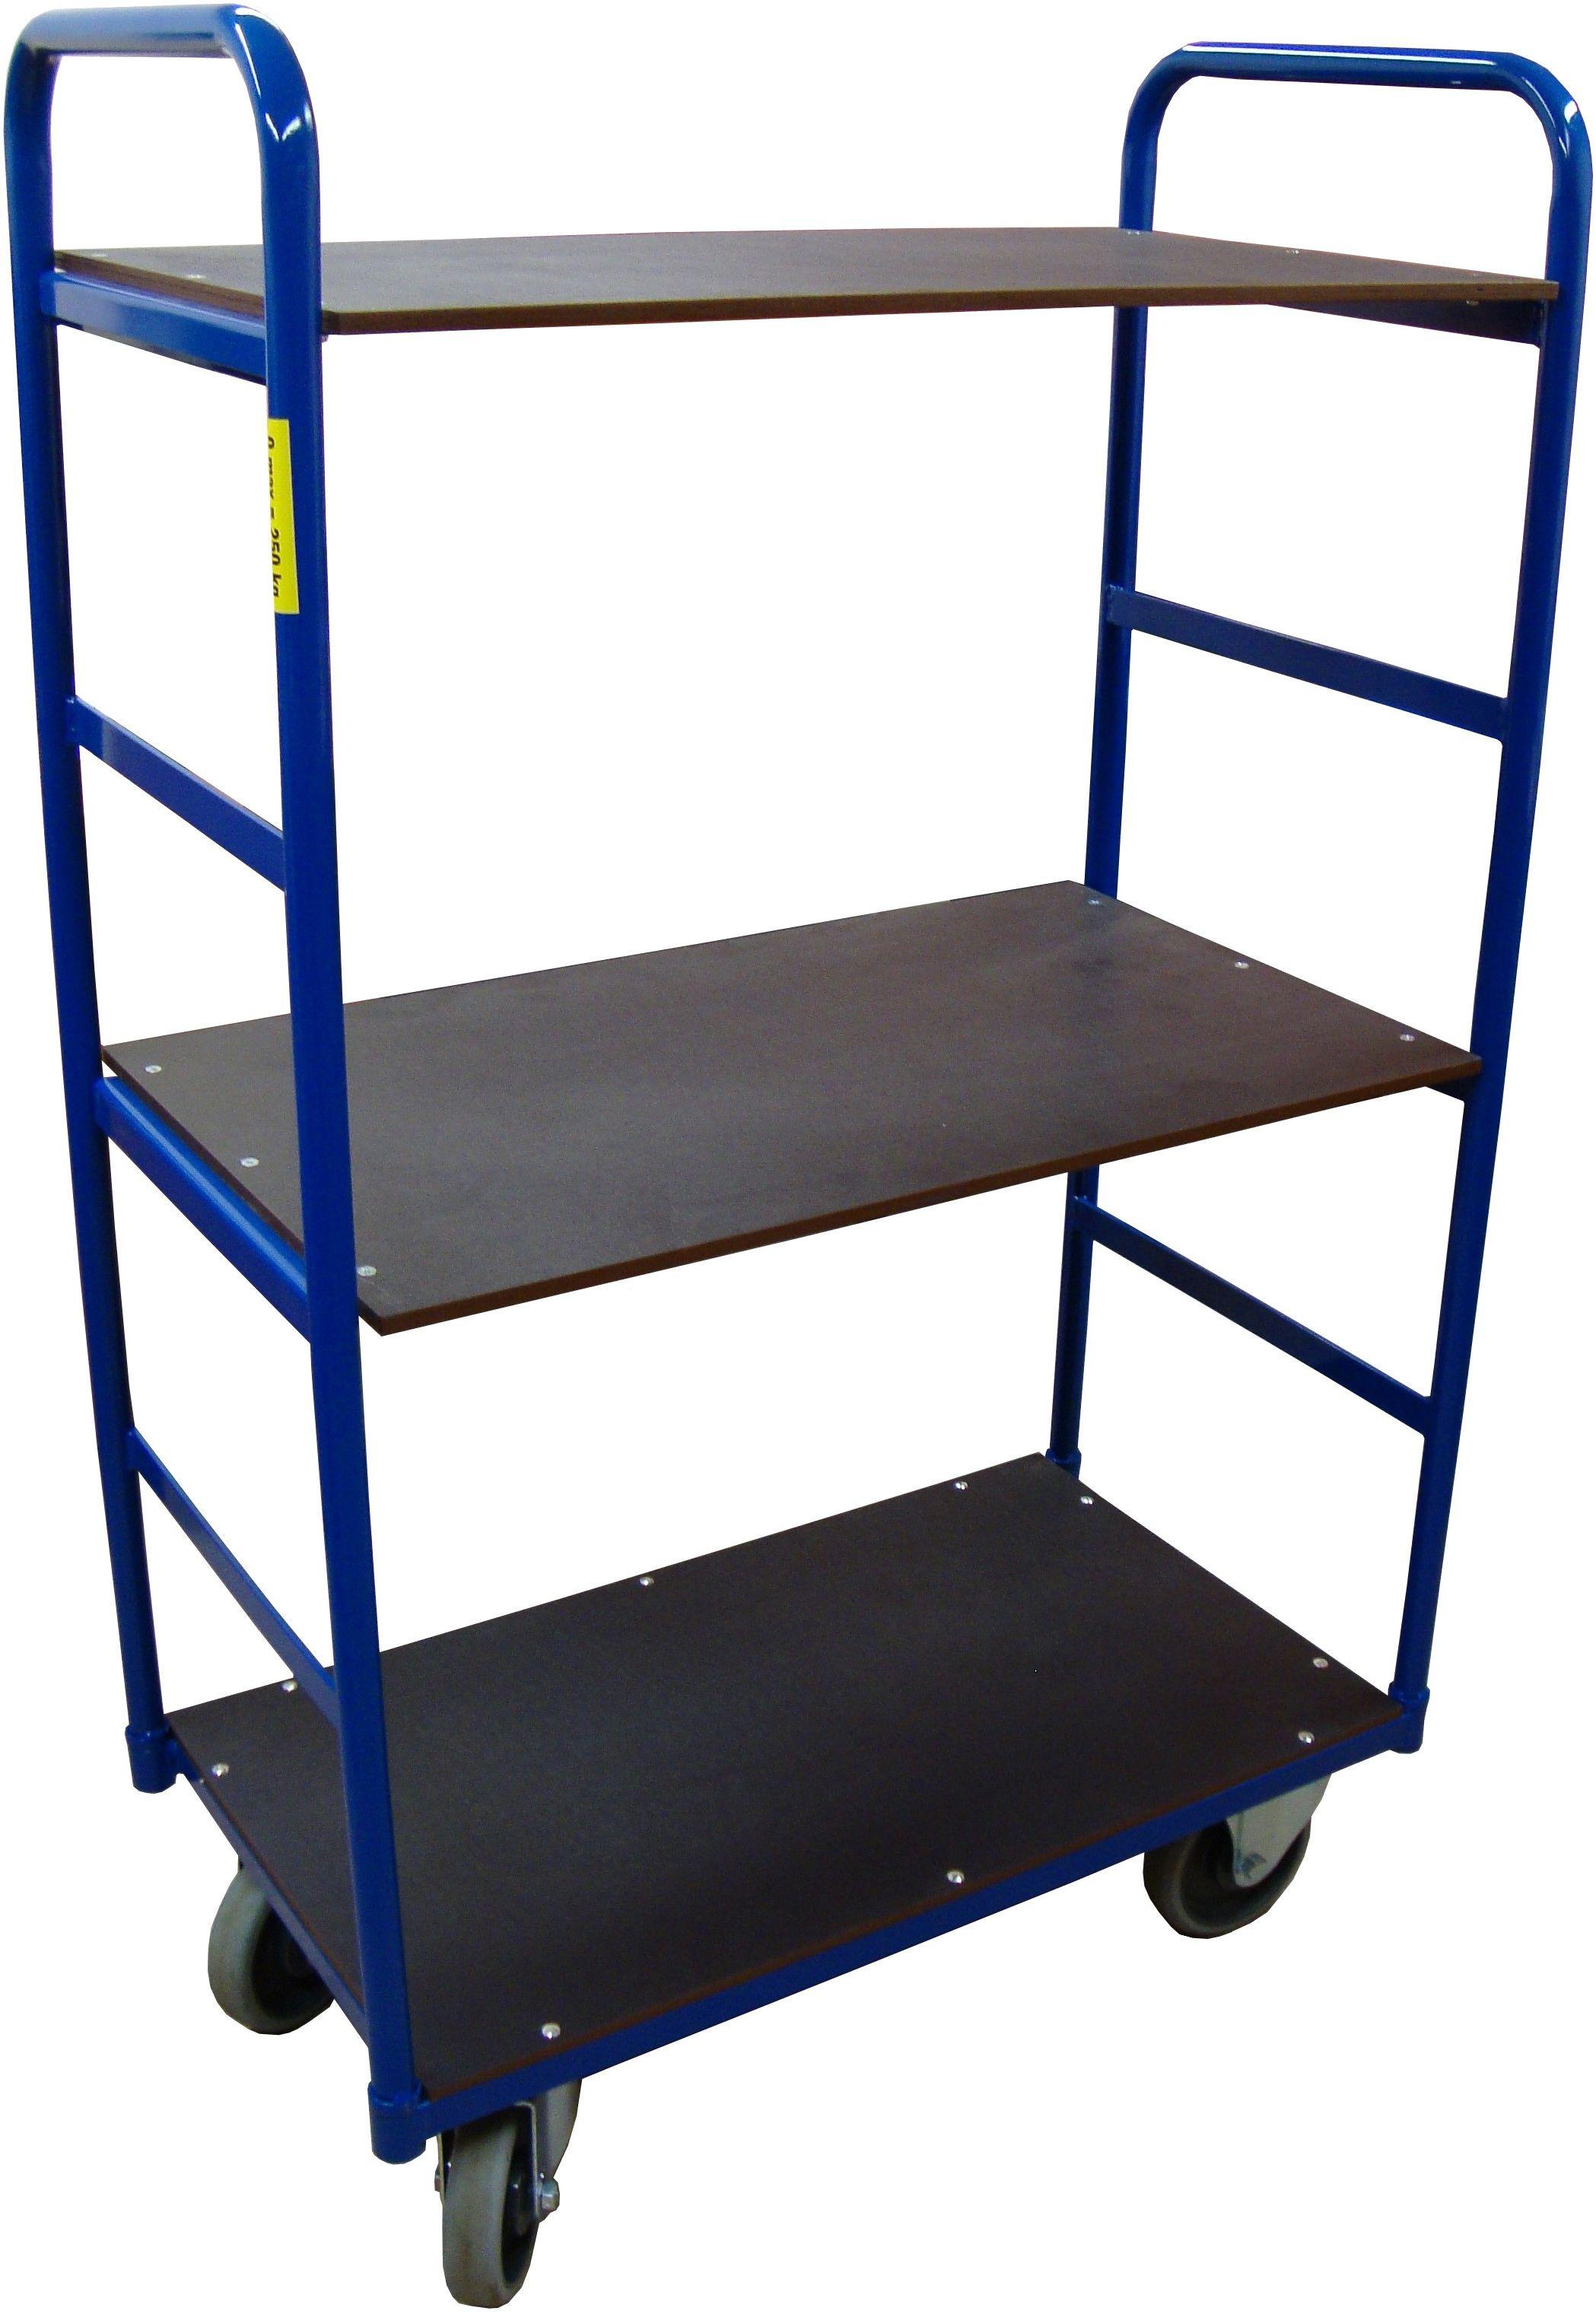 Wózek magazynowy piętrowy 250 kg, 1000x600x1500 mm